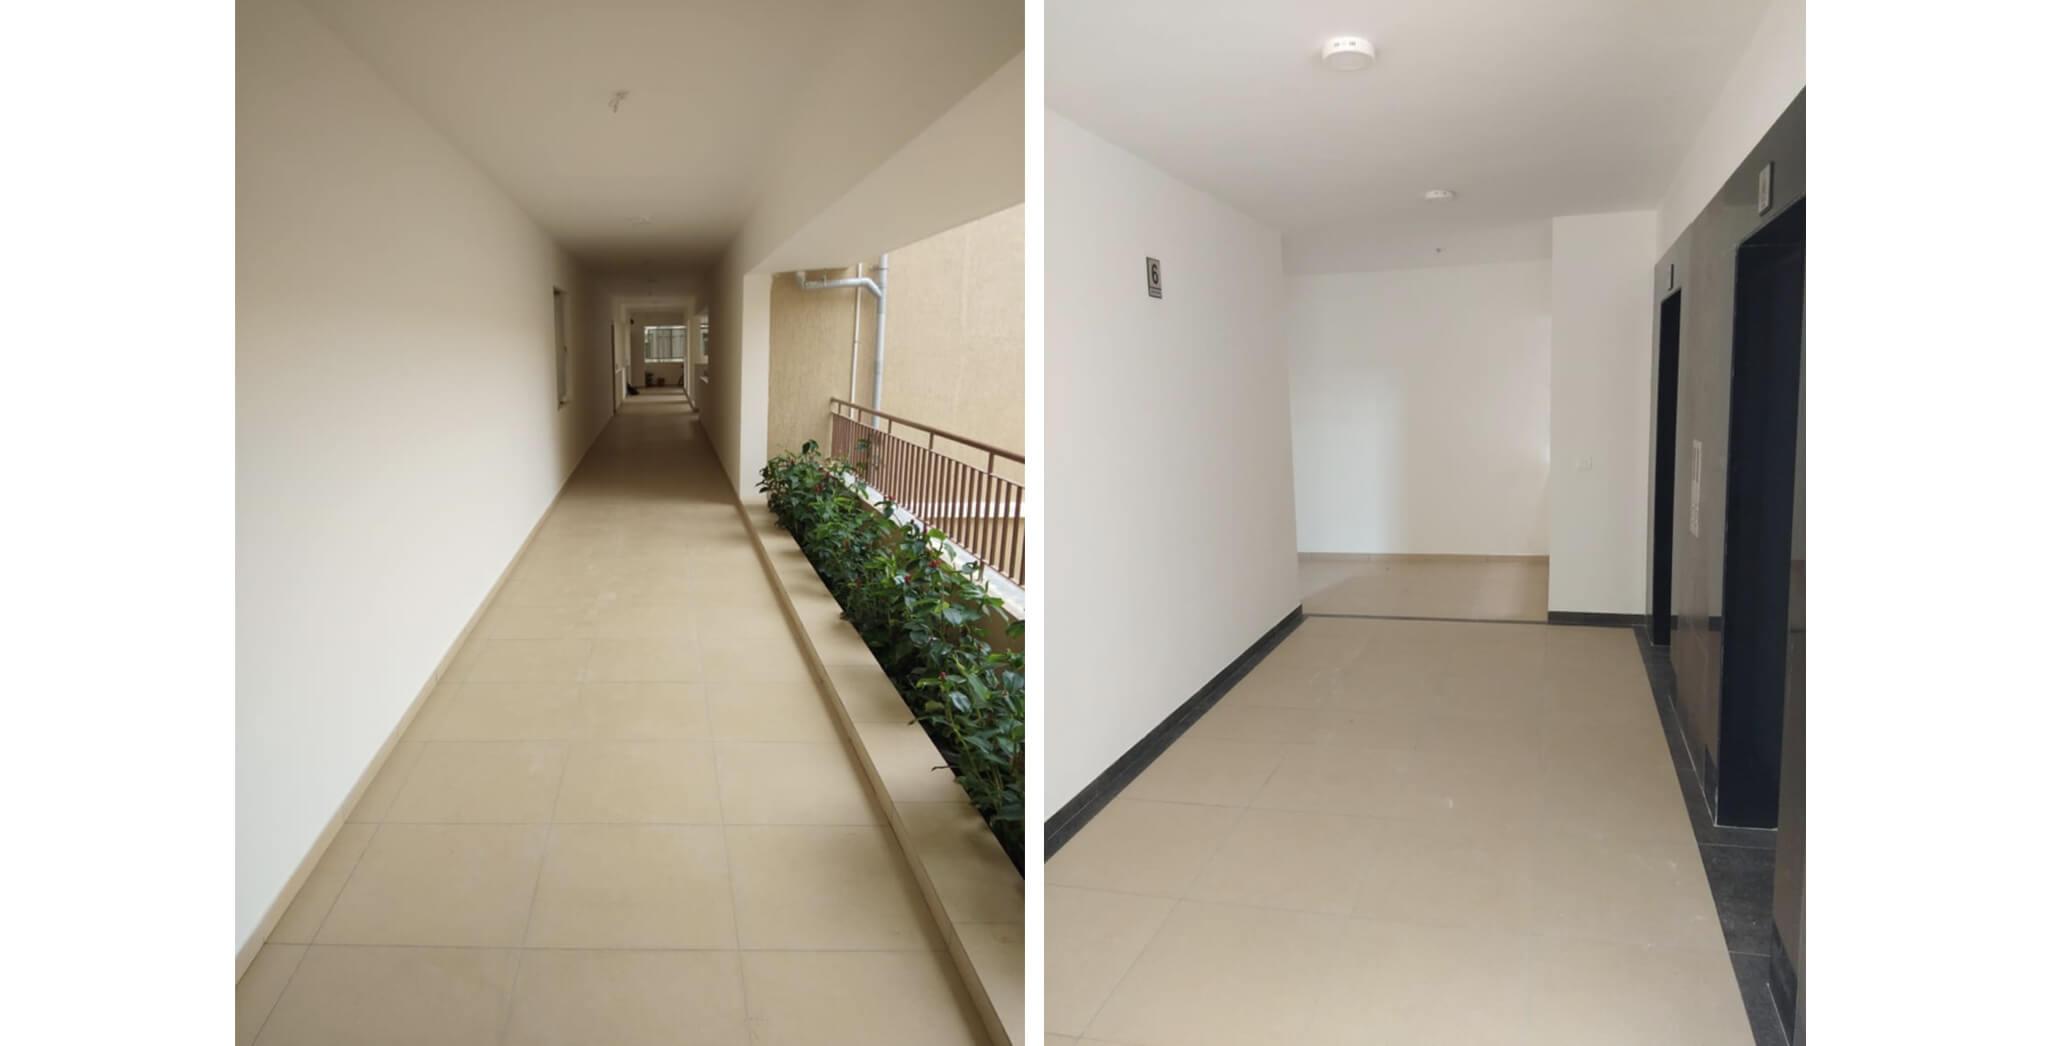 Nov 2019 - Deodar—D block: Corridor–Final coat of paint work-in-progress